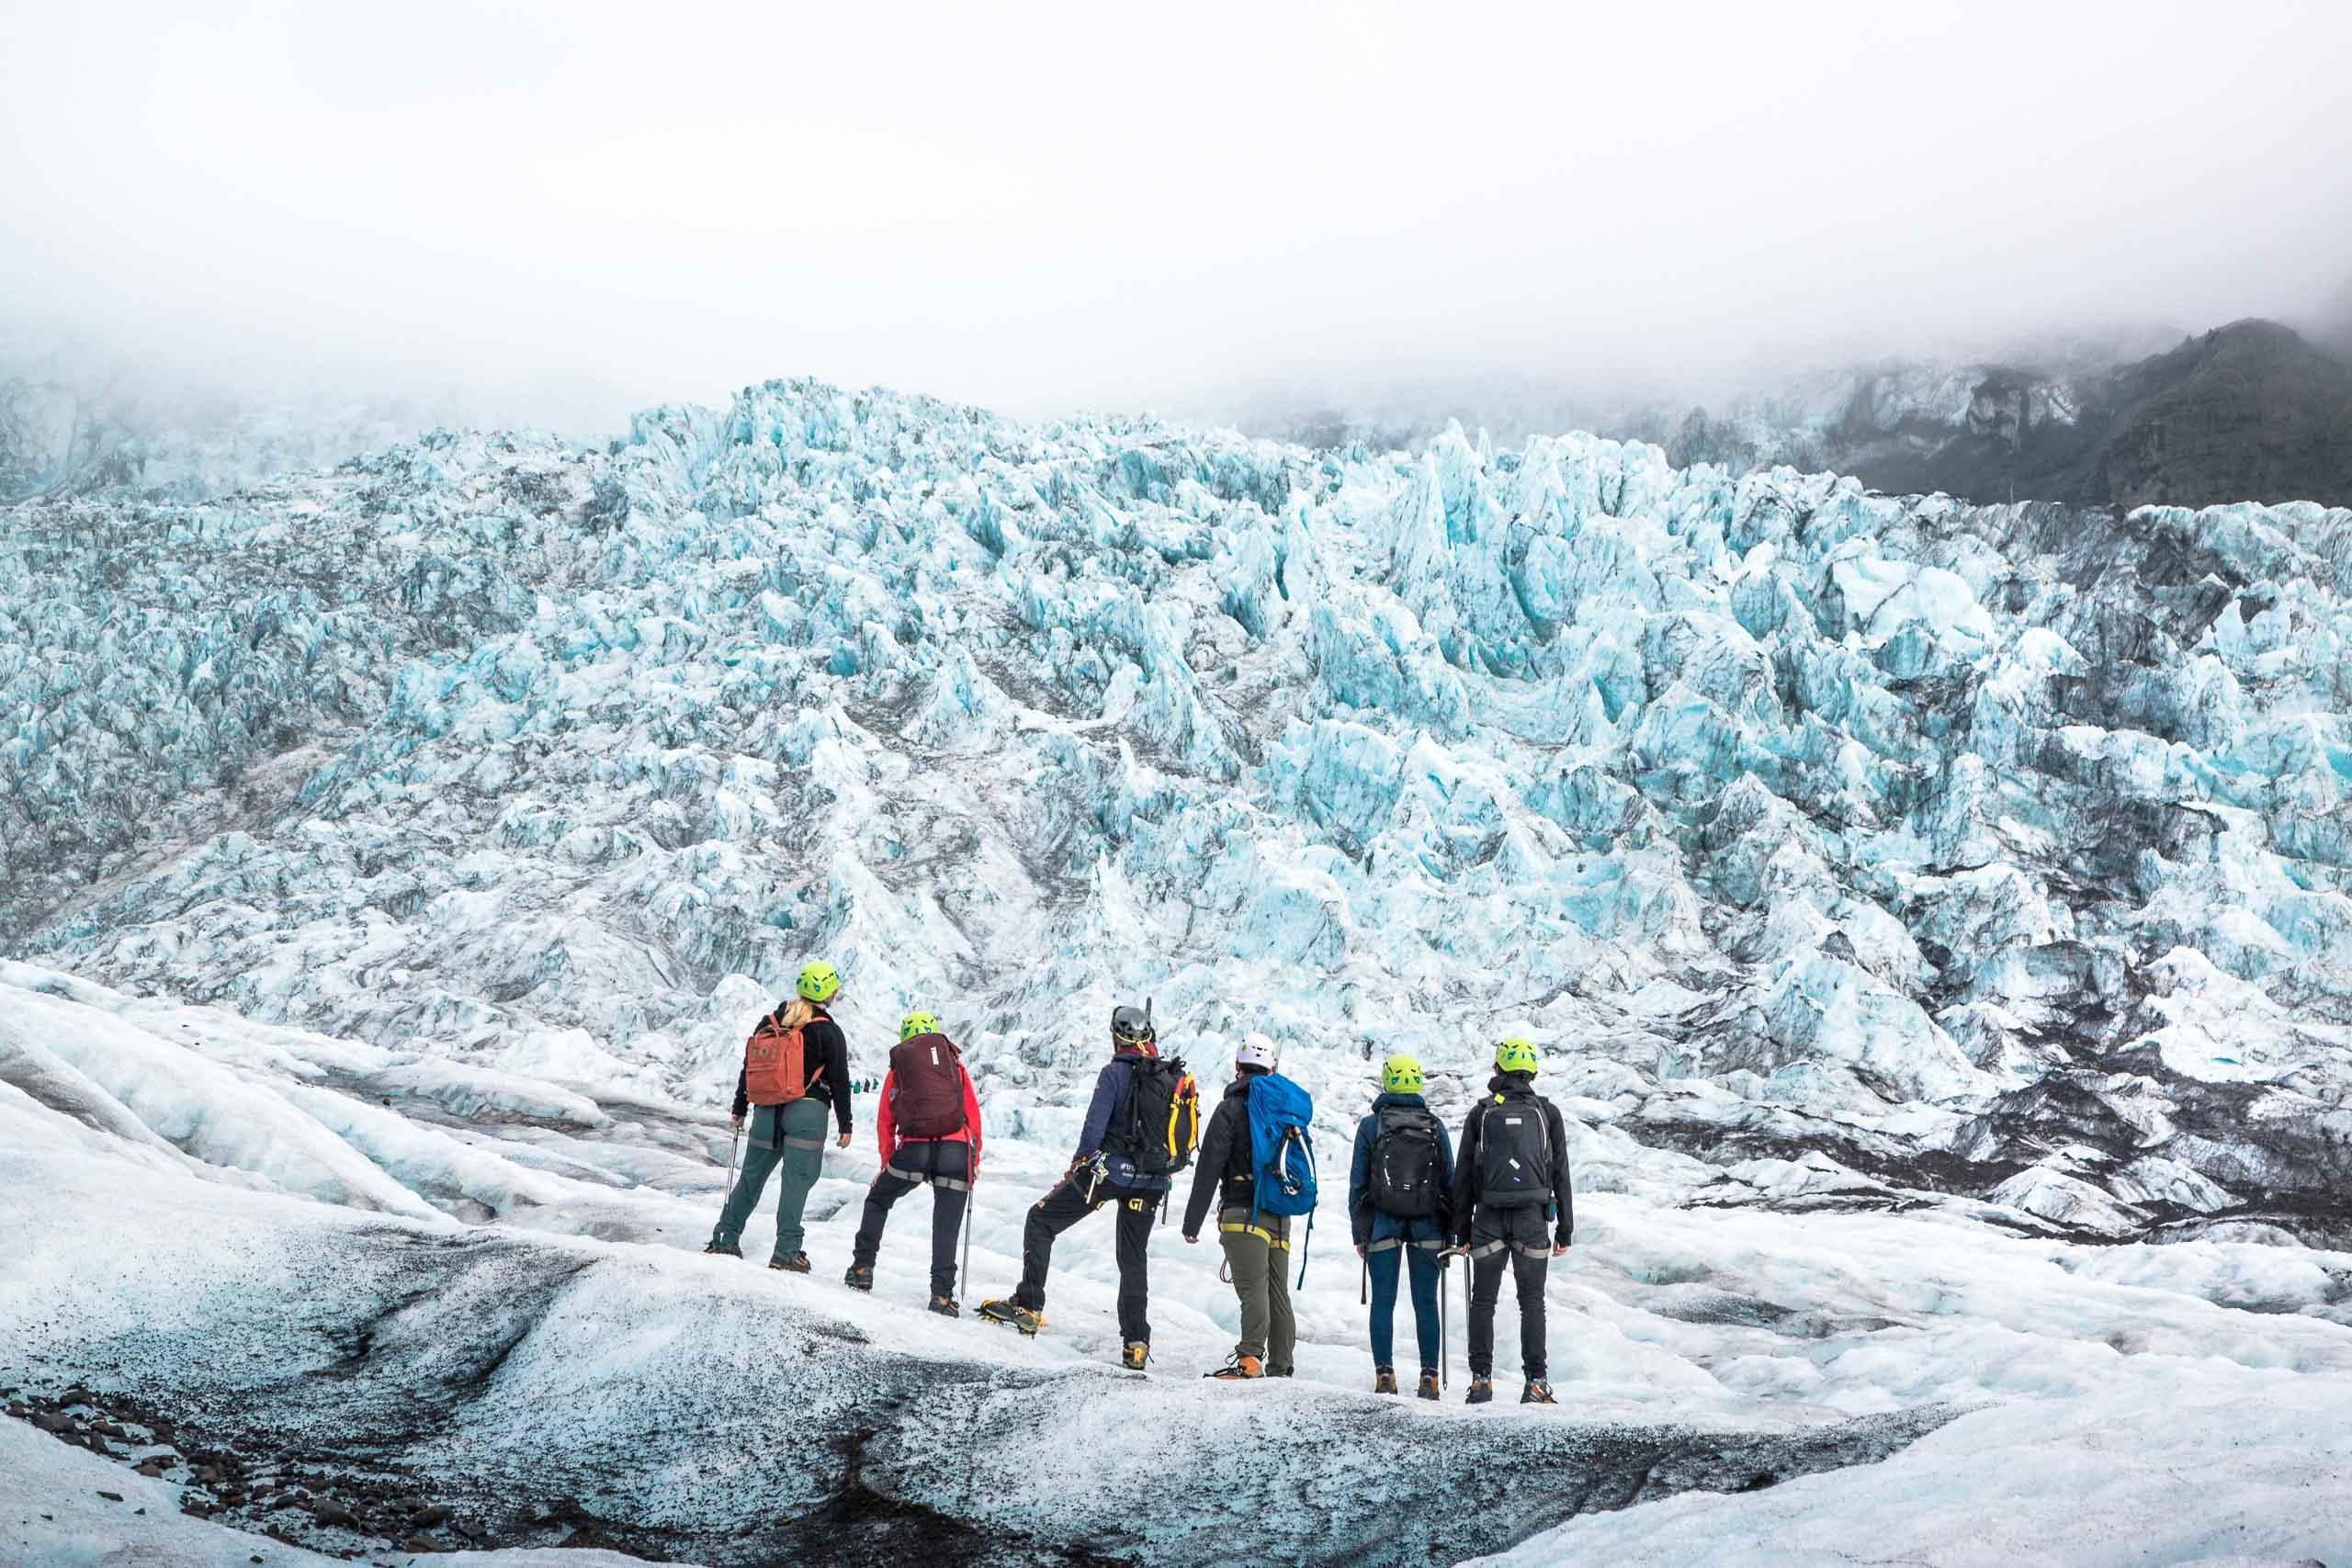 杰古沙龙冰河湖无疑是冰岛最值得游览的景区